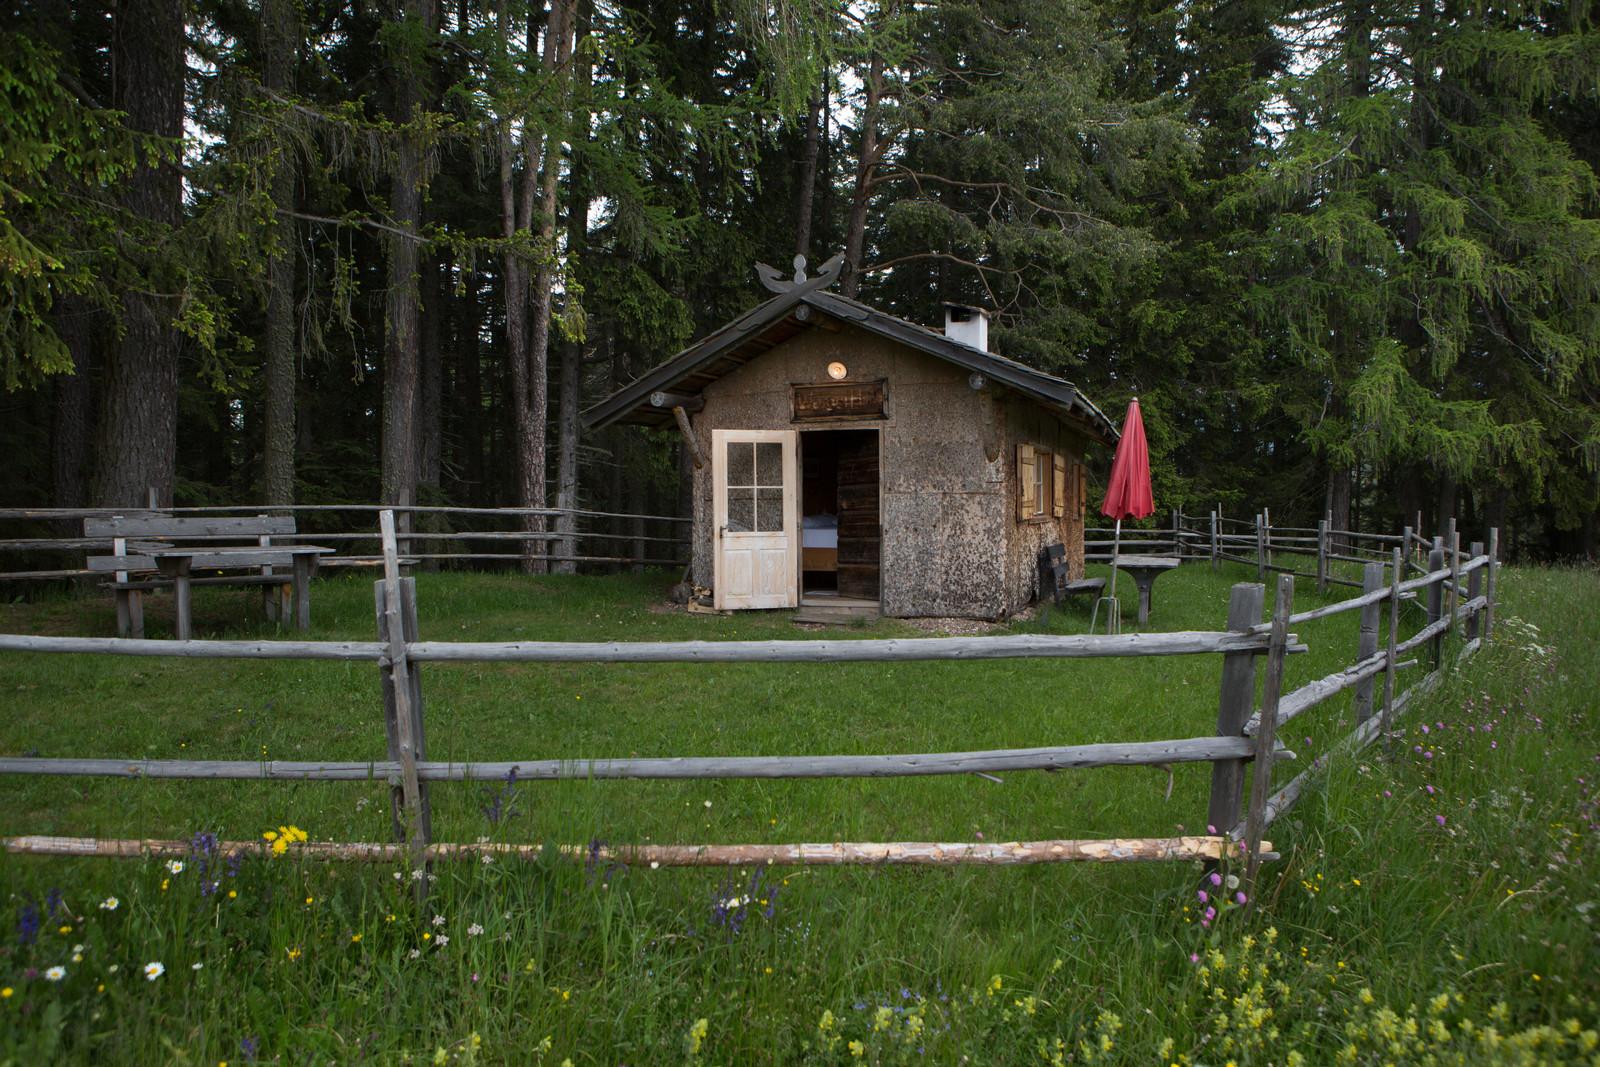 Unsere eigene Hütte